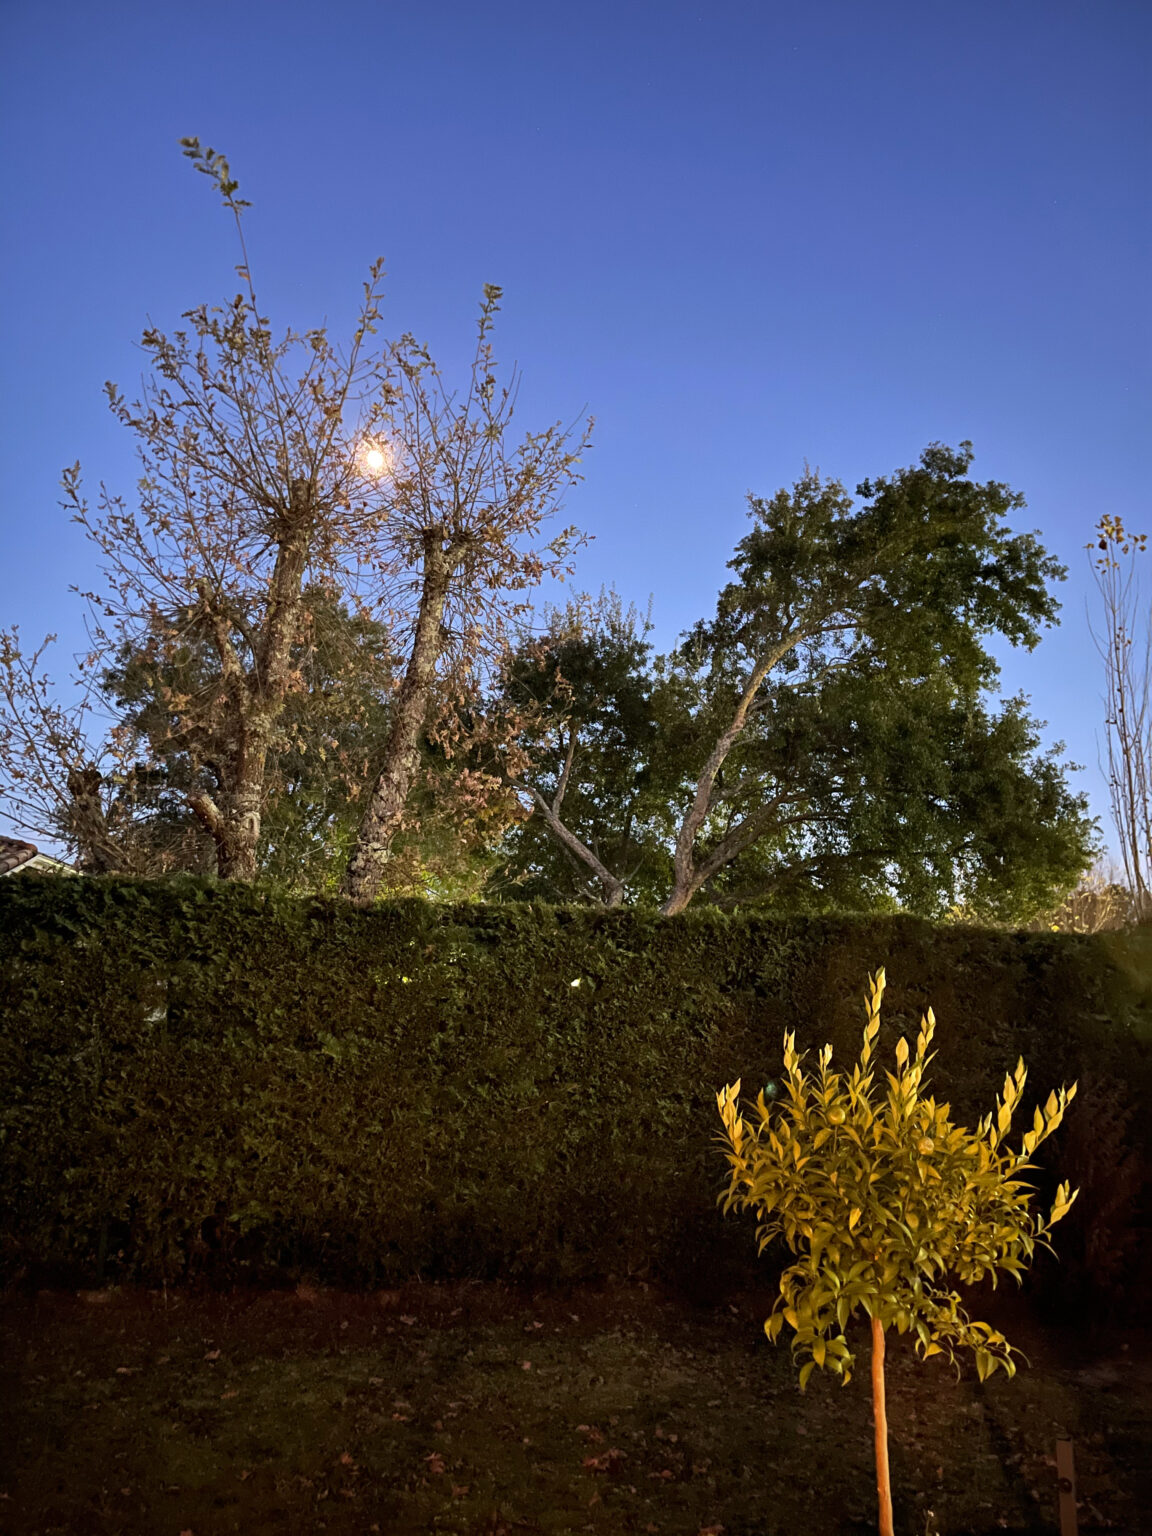 Photo de nuit prise à l'Phone 12 Pro Max